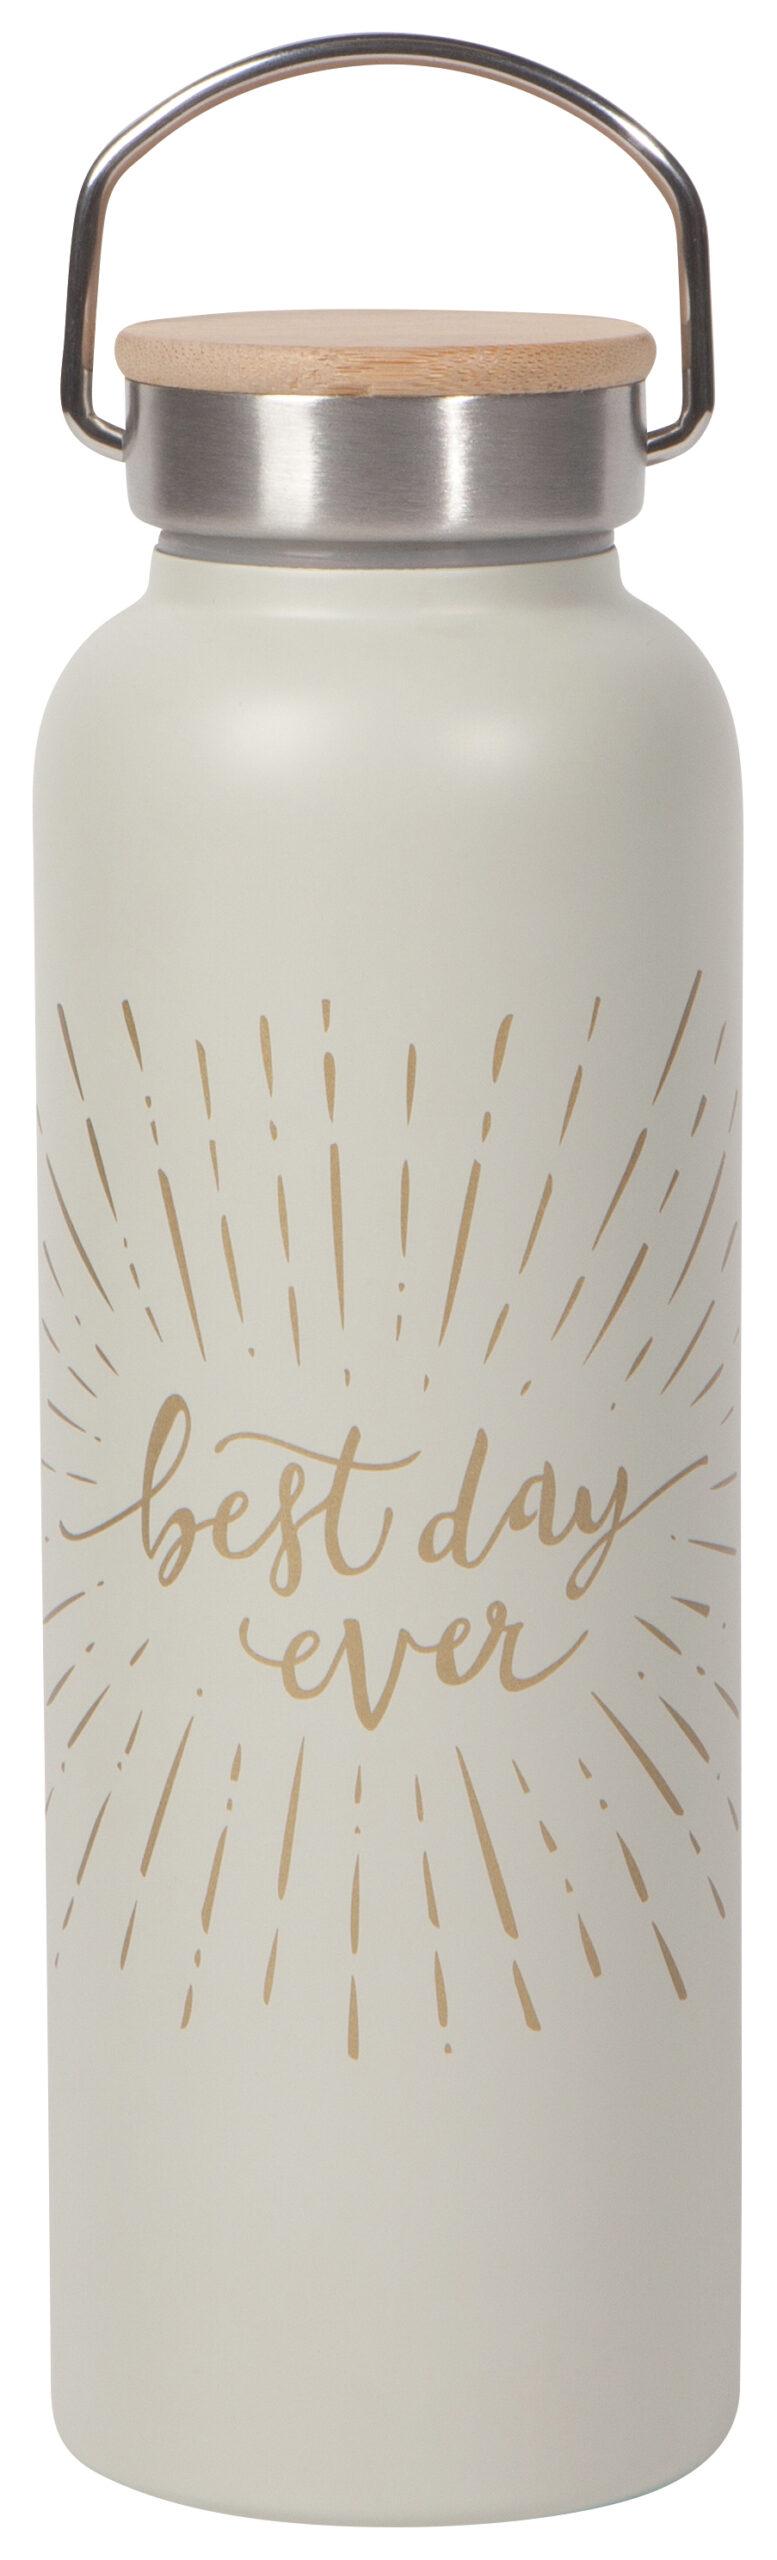 Roam Water Bottle - Best Day Ever